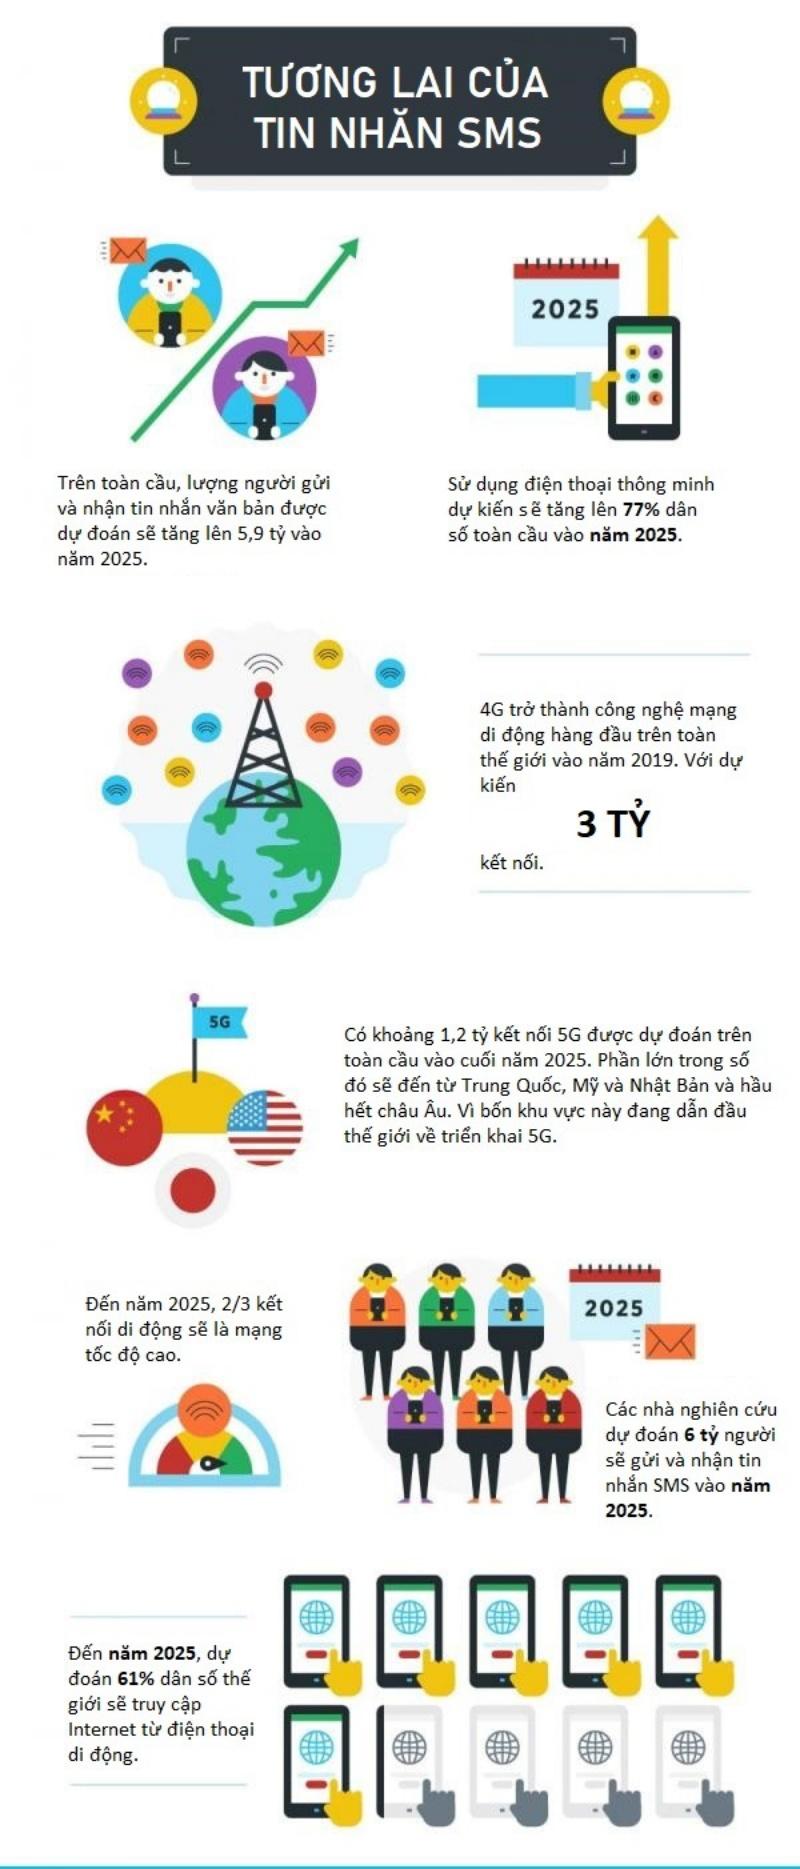 muon-lam-sms-marketing-hieu-qua-can-nam-ro-25-thong-ke-nay